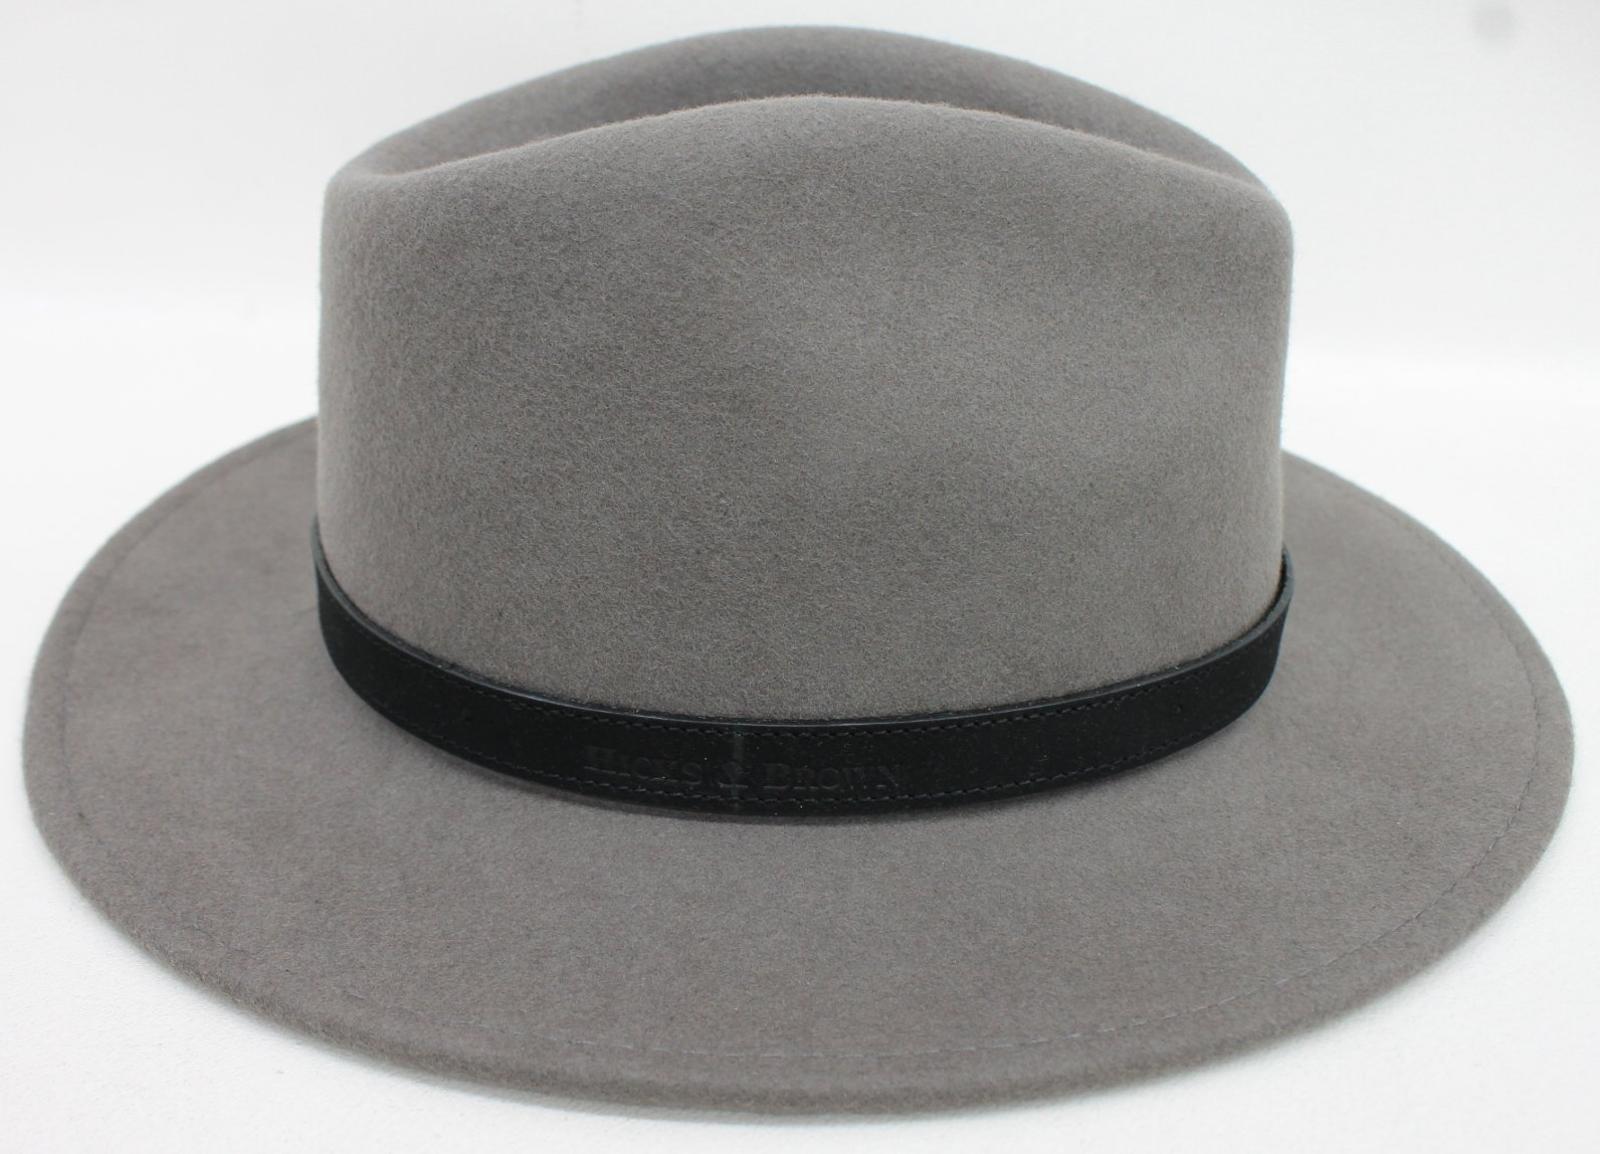 1a715faf4896fb HICKS & BROWN The Suffolk Fedora Ladies Grey Wool Felt Feather ...